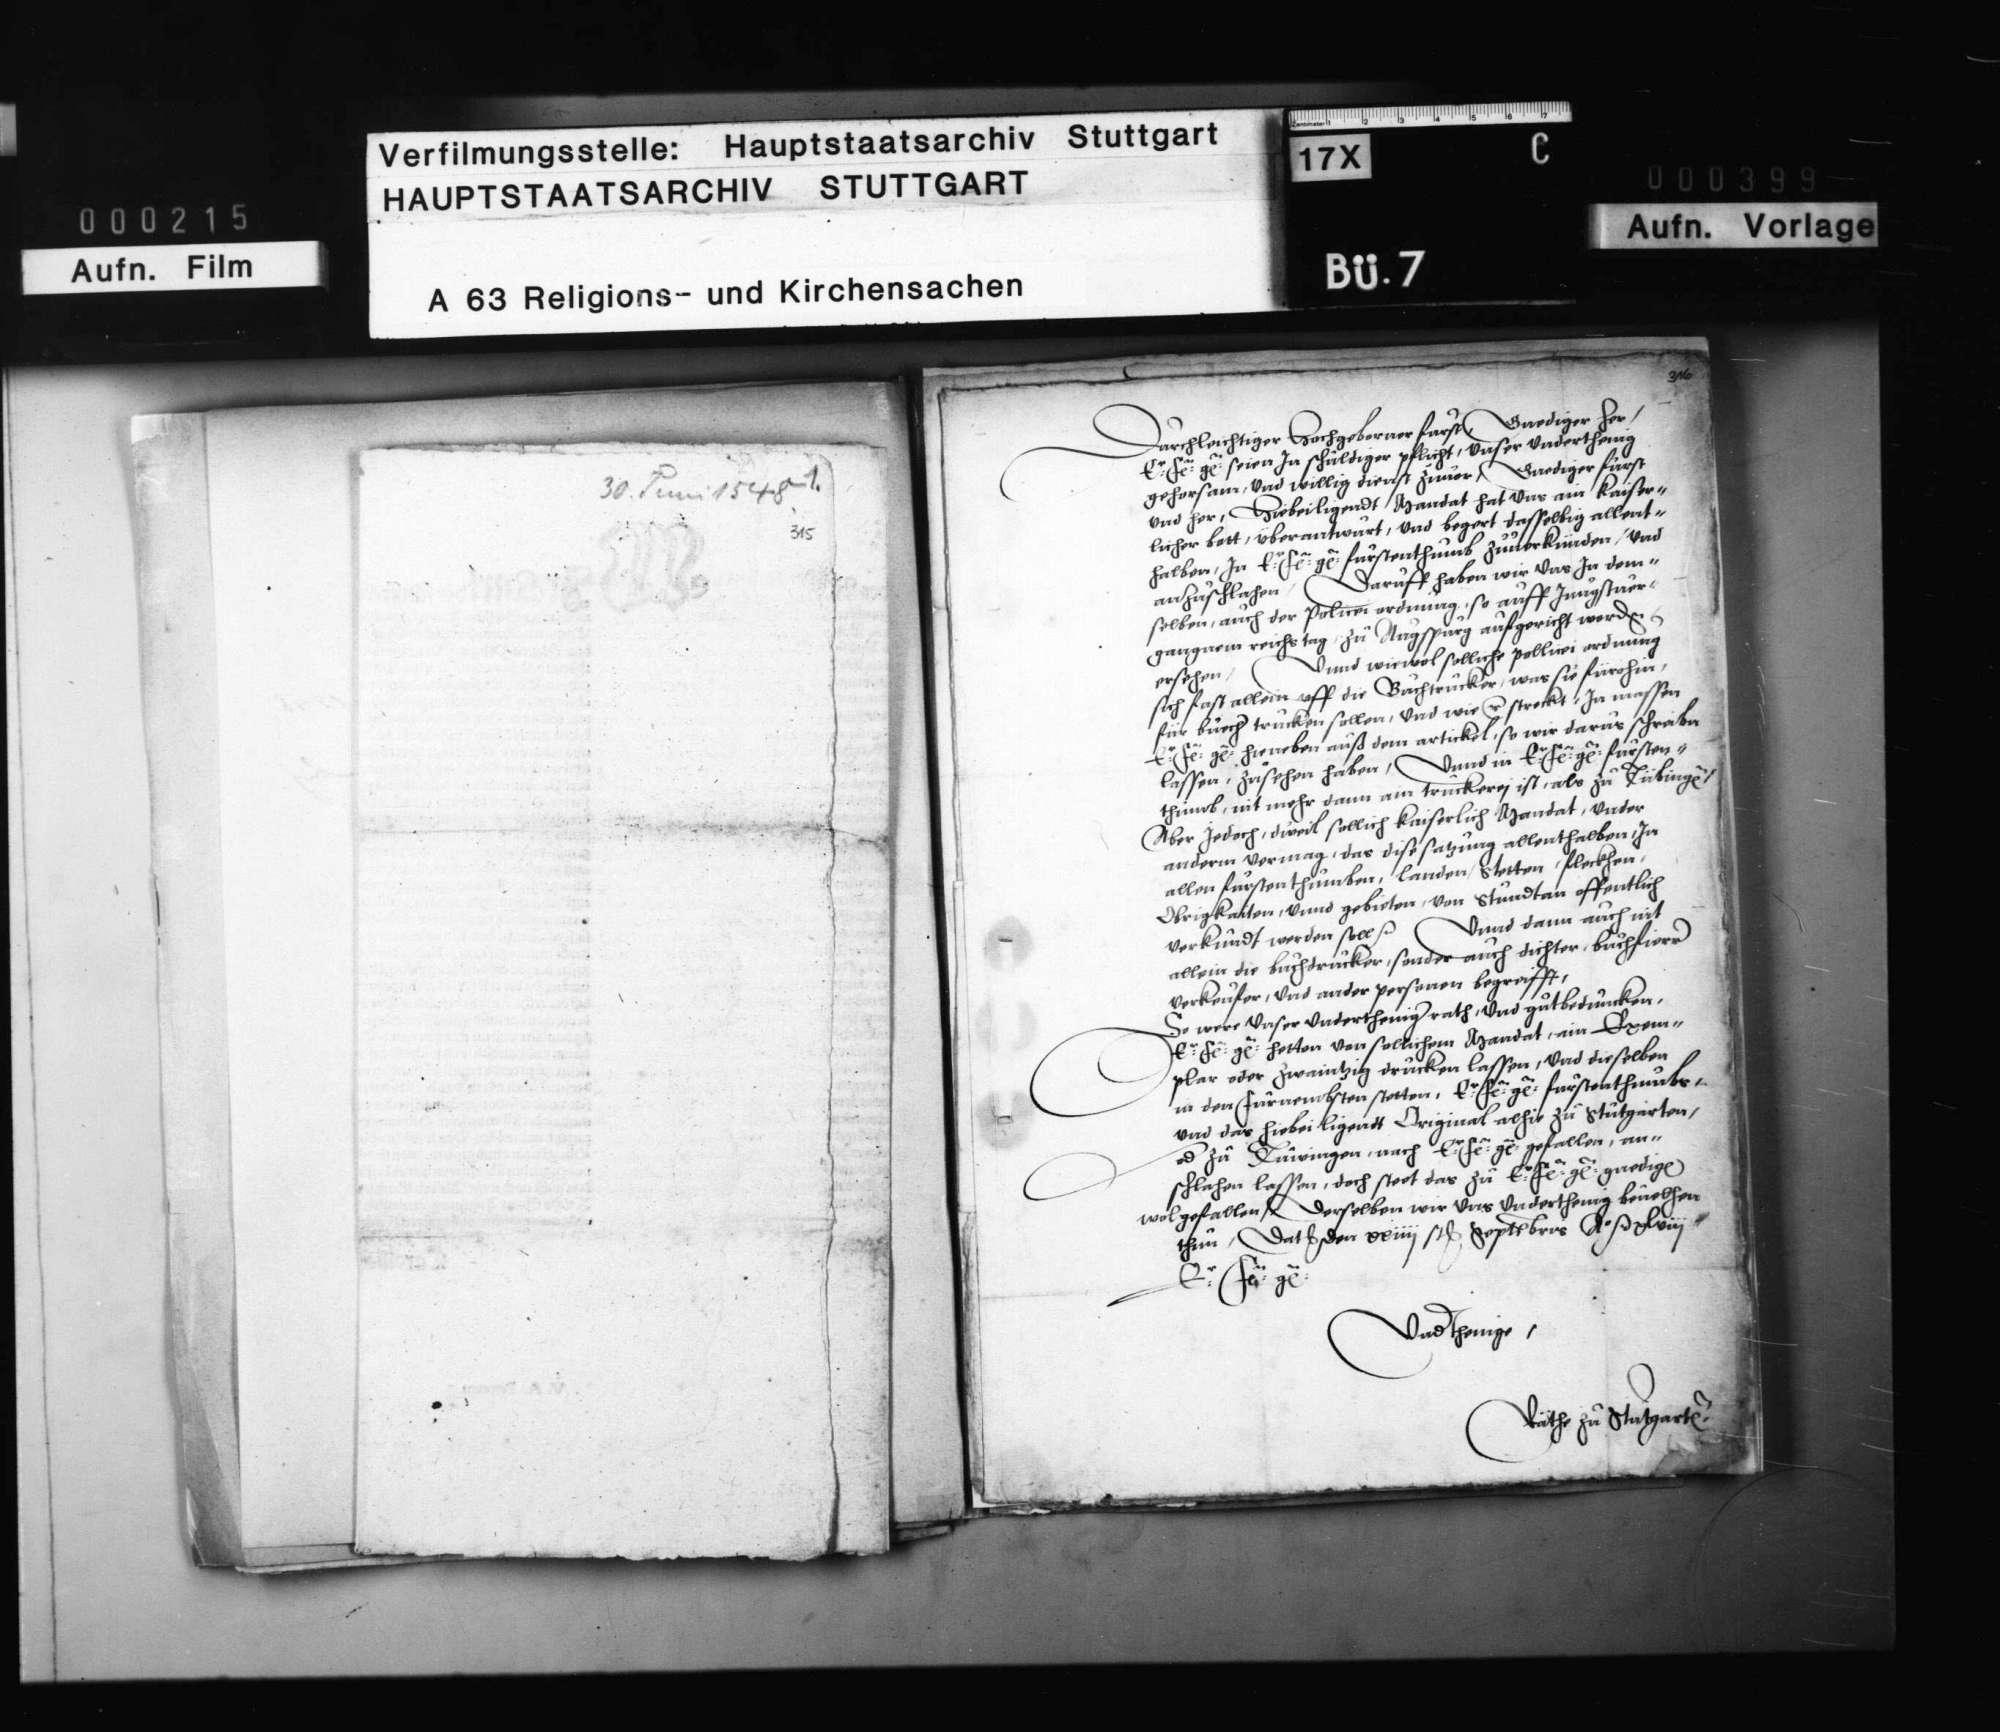 Akten, betreffend das kaiserliche Mandat vom 30. Juni 1548 wegen des Bücherdrucks und dessen Publizierung und Umsetzung in Württemberg., Bild 3